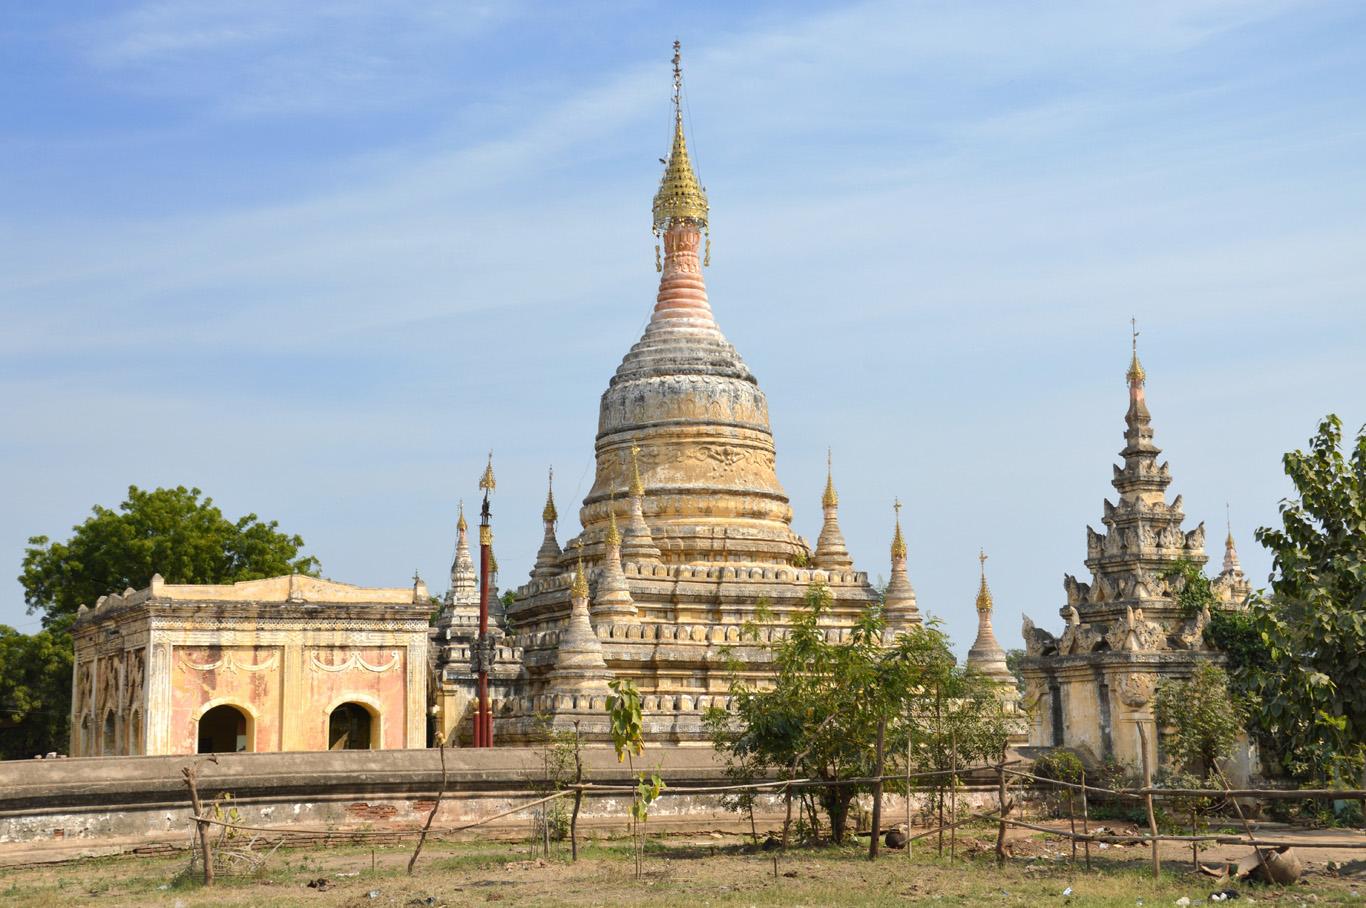 Hsu Taung Pyi Pagoda